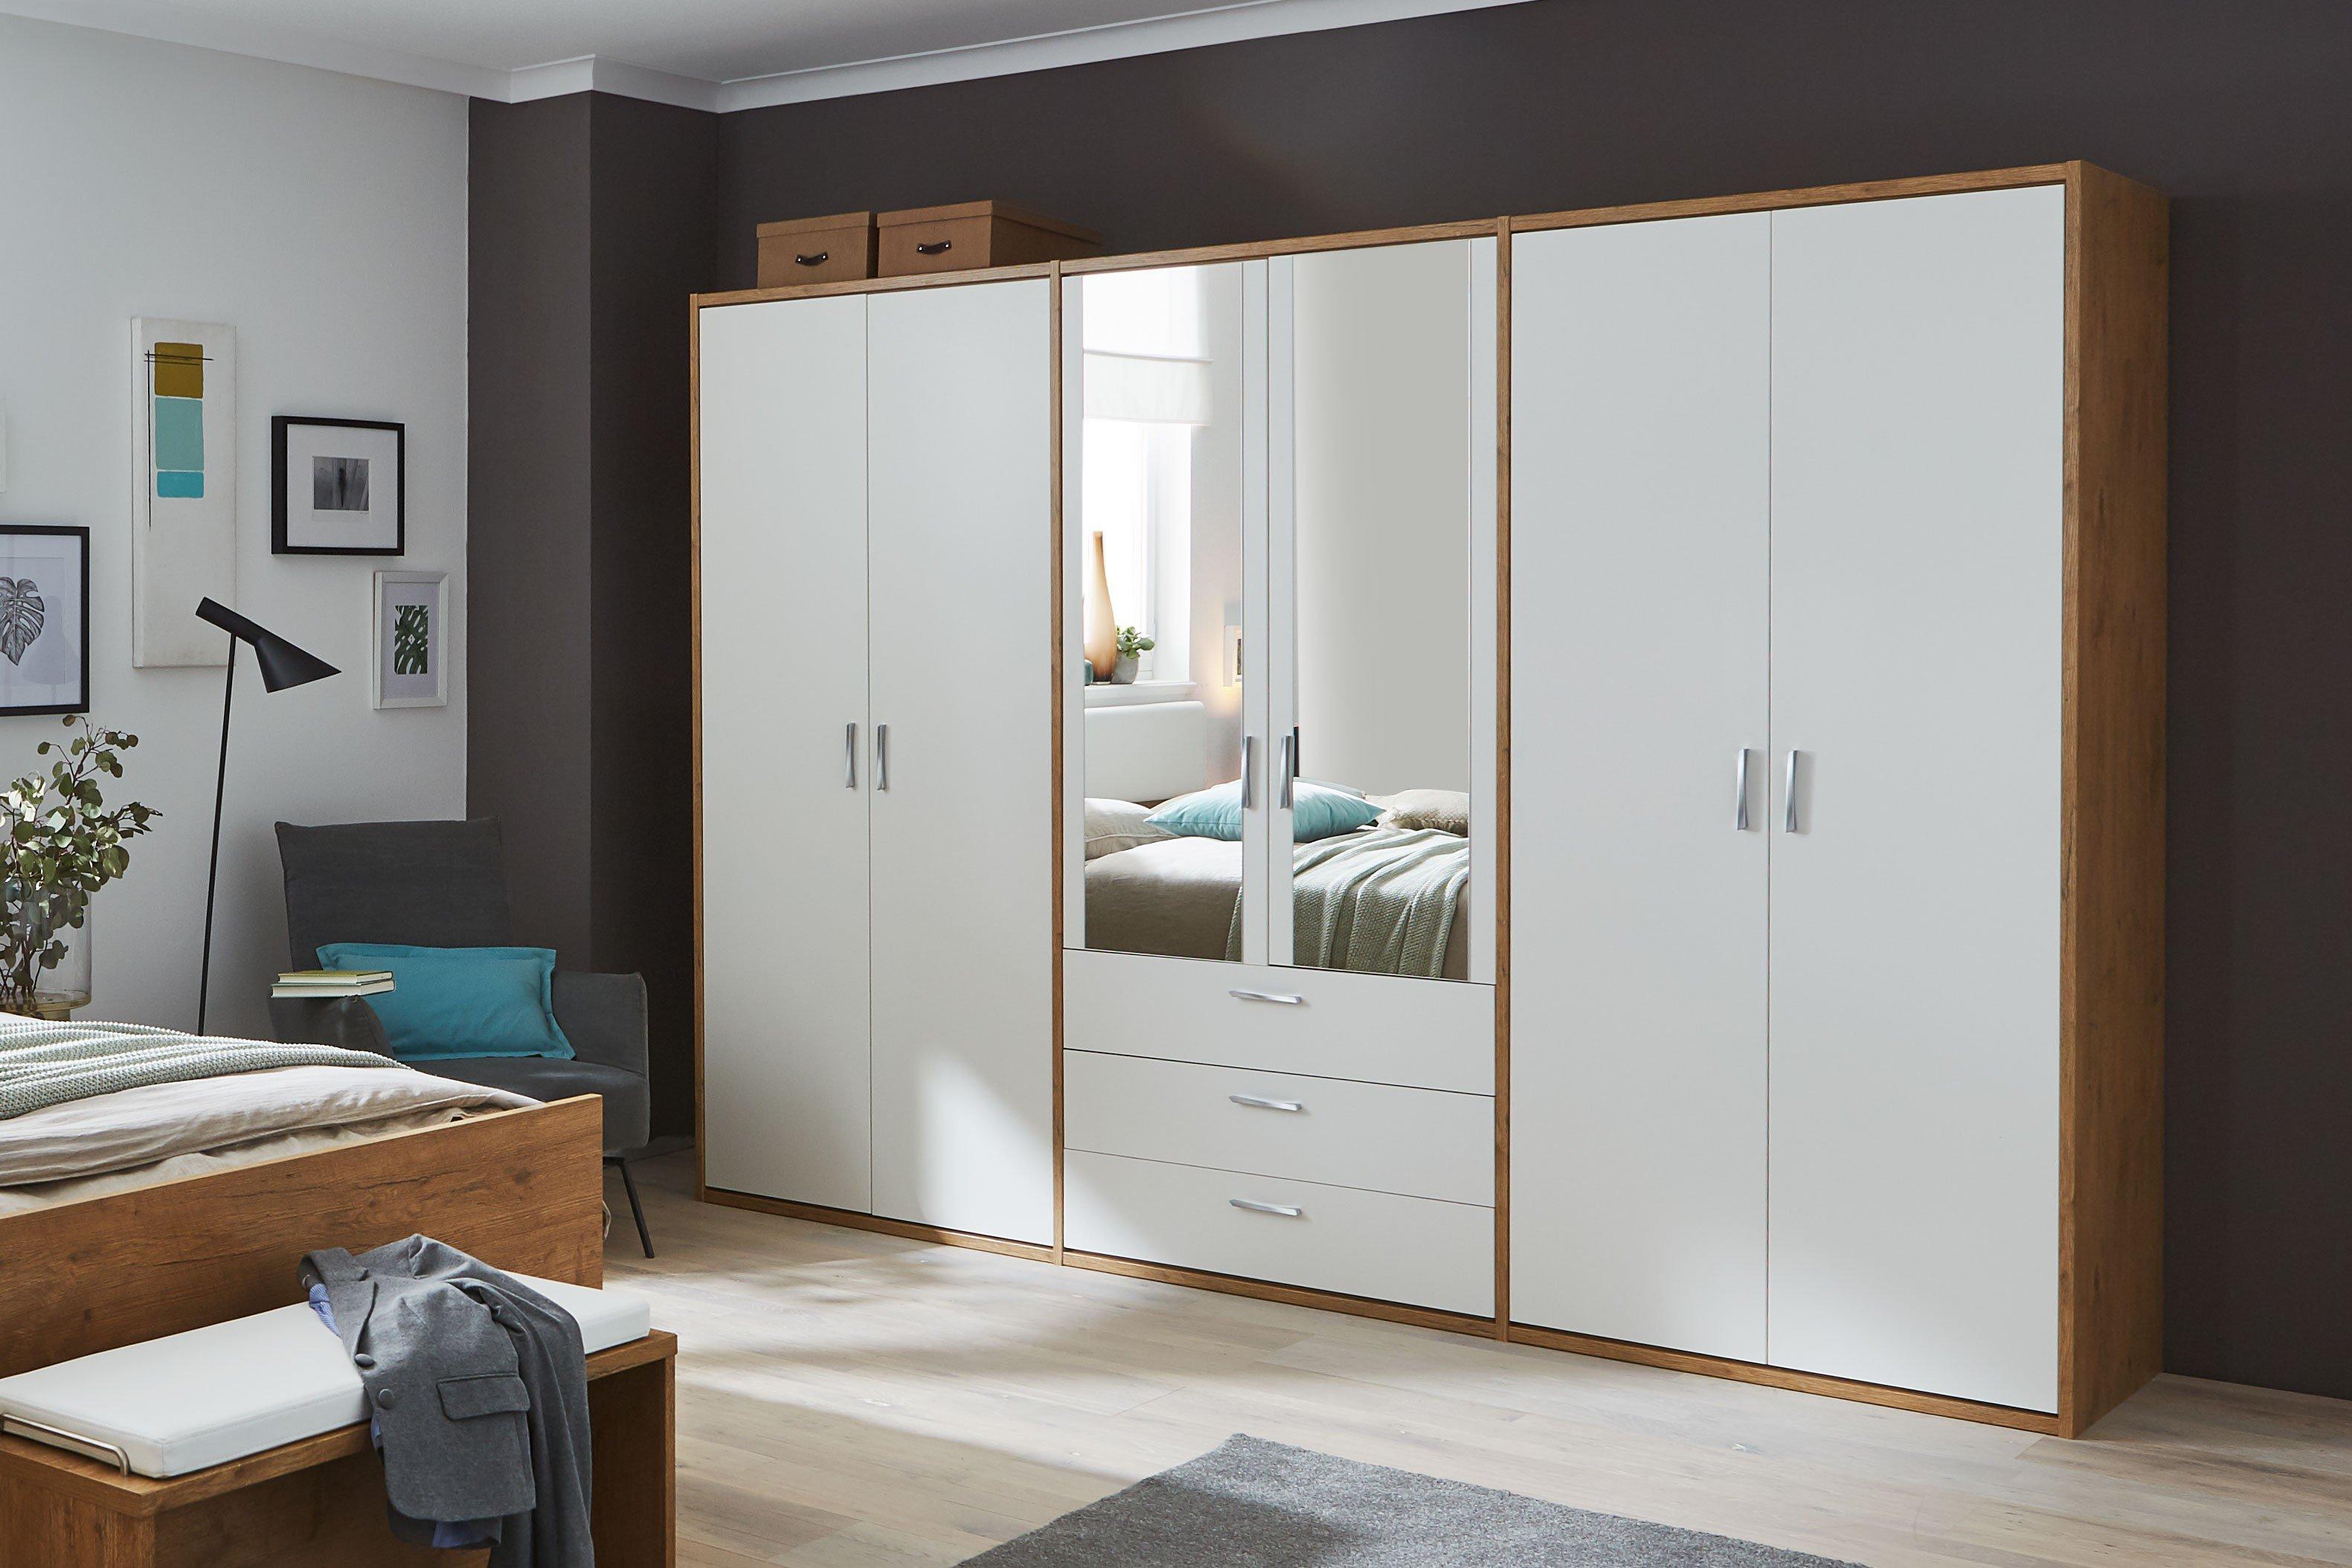 priess schrank paris in wildeich nachbildung wei m bel letz ihr online shop. Black Bedroom Furniture Sets. Home Design Ideas